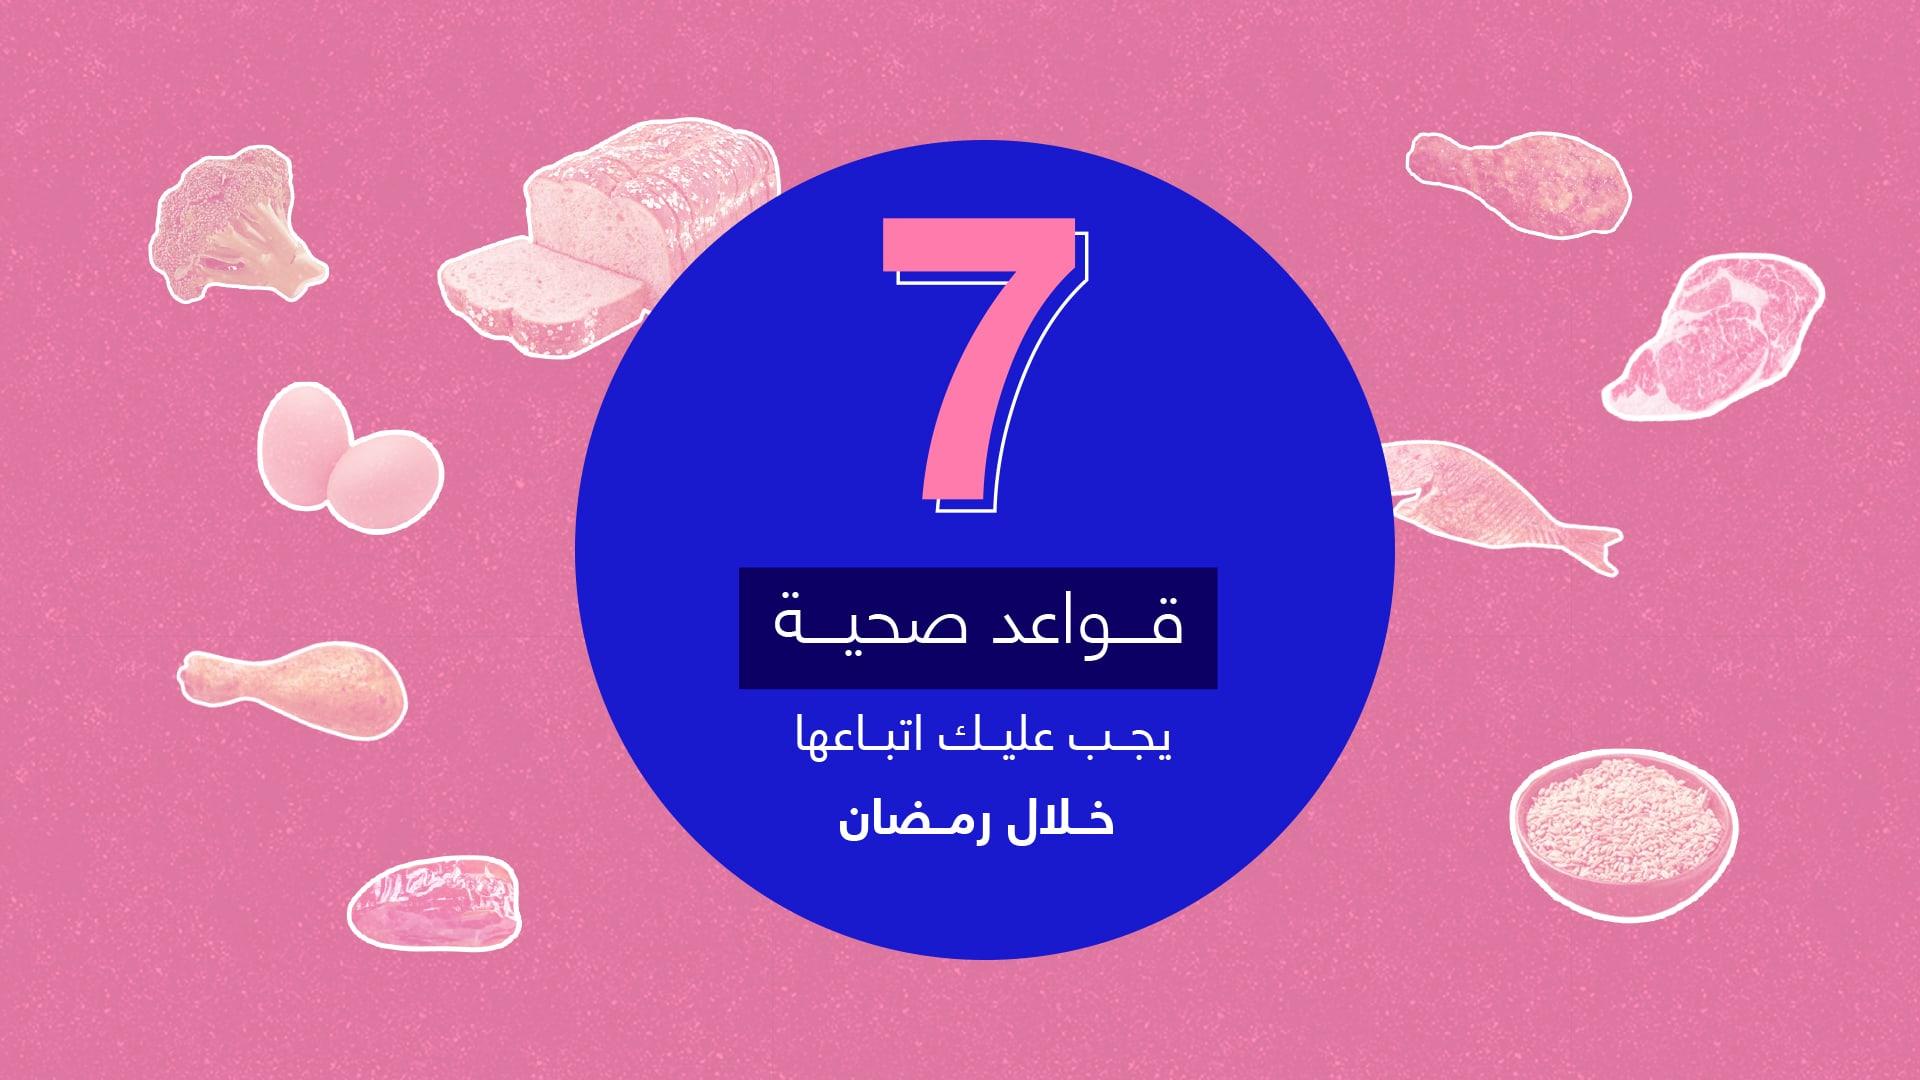 7 قواعد صحية يجب عليك اتباعها خلال رمضان